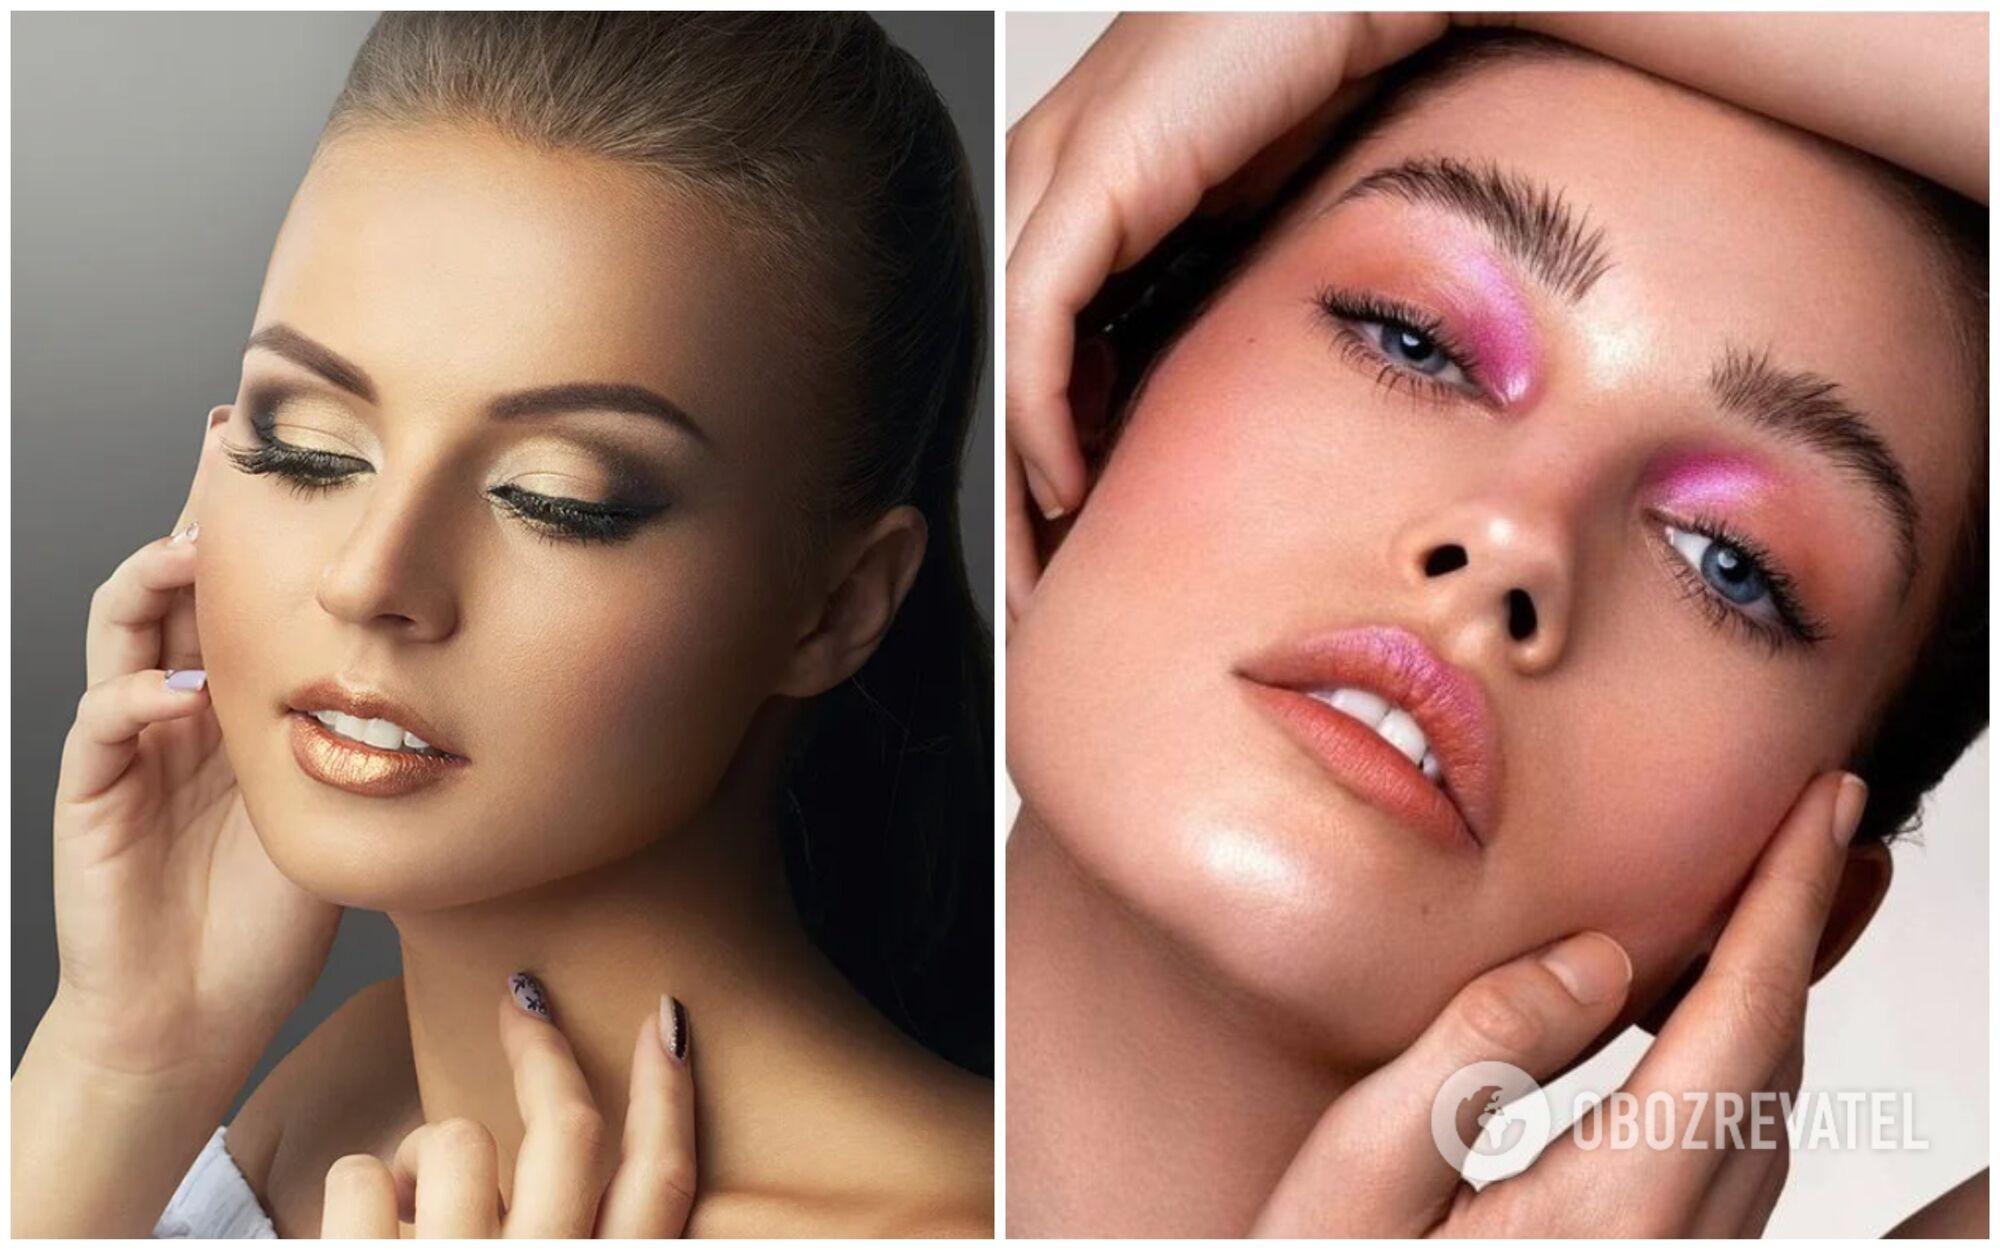 Многие девушки делают макияж по одной и той же схеме: внутренние уголки глаз светлые, а внешние – активно затемняются